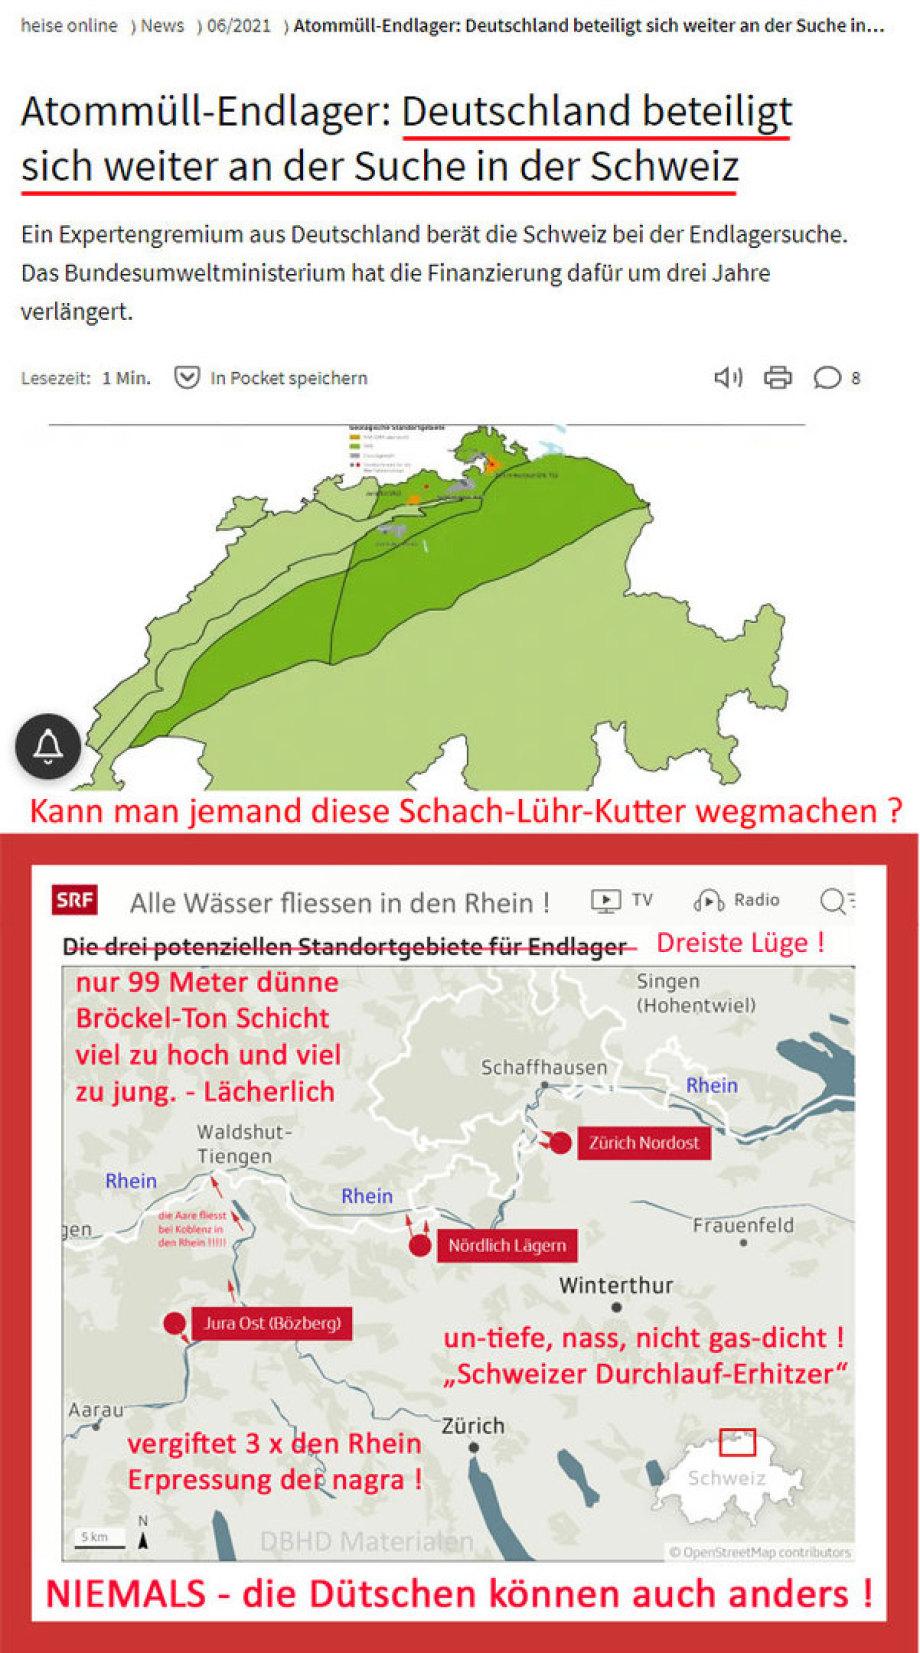 - UNGLAUBLICH - Schwache-Lühr-Kutter BMU fördert den Schweizer Durchlauf-Erhitzer mit Geld + Personal